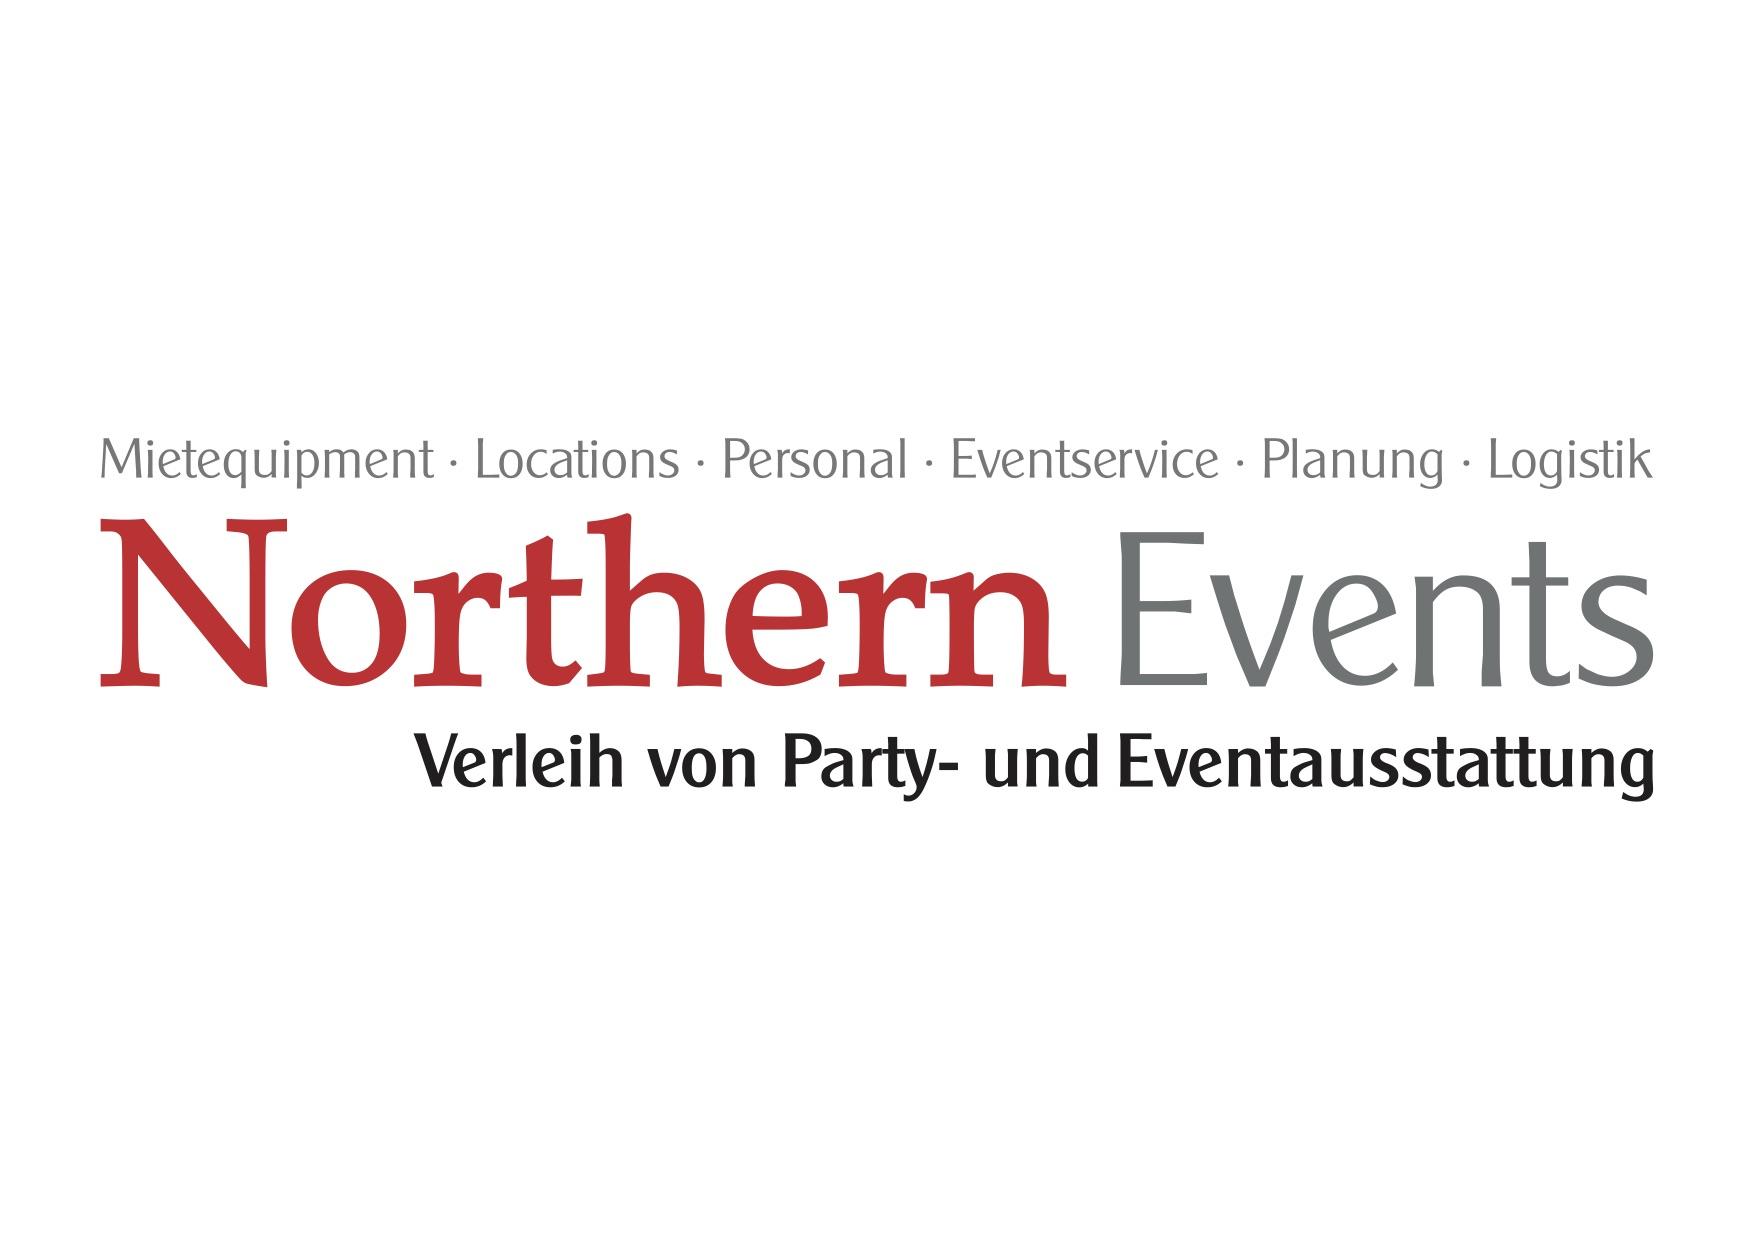 Logo der Northern Events